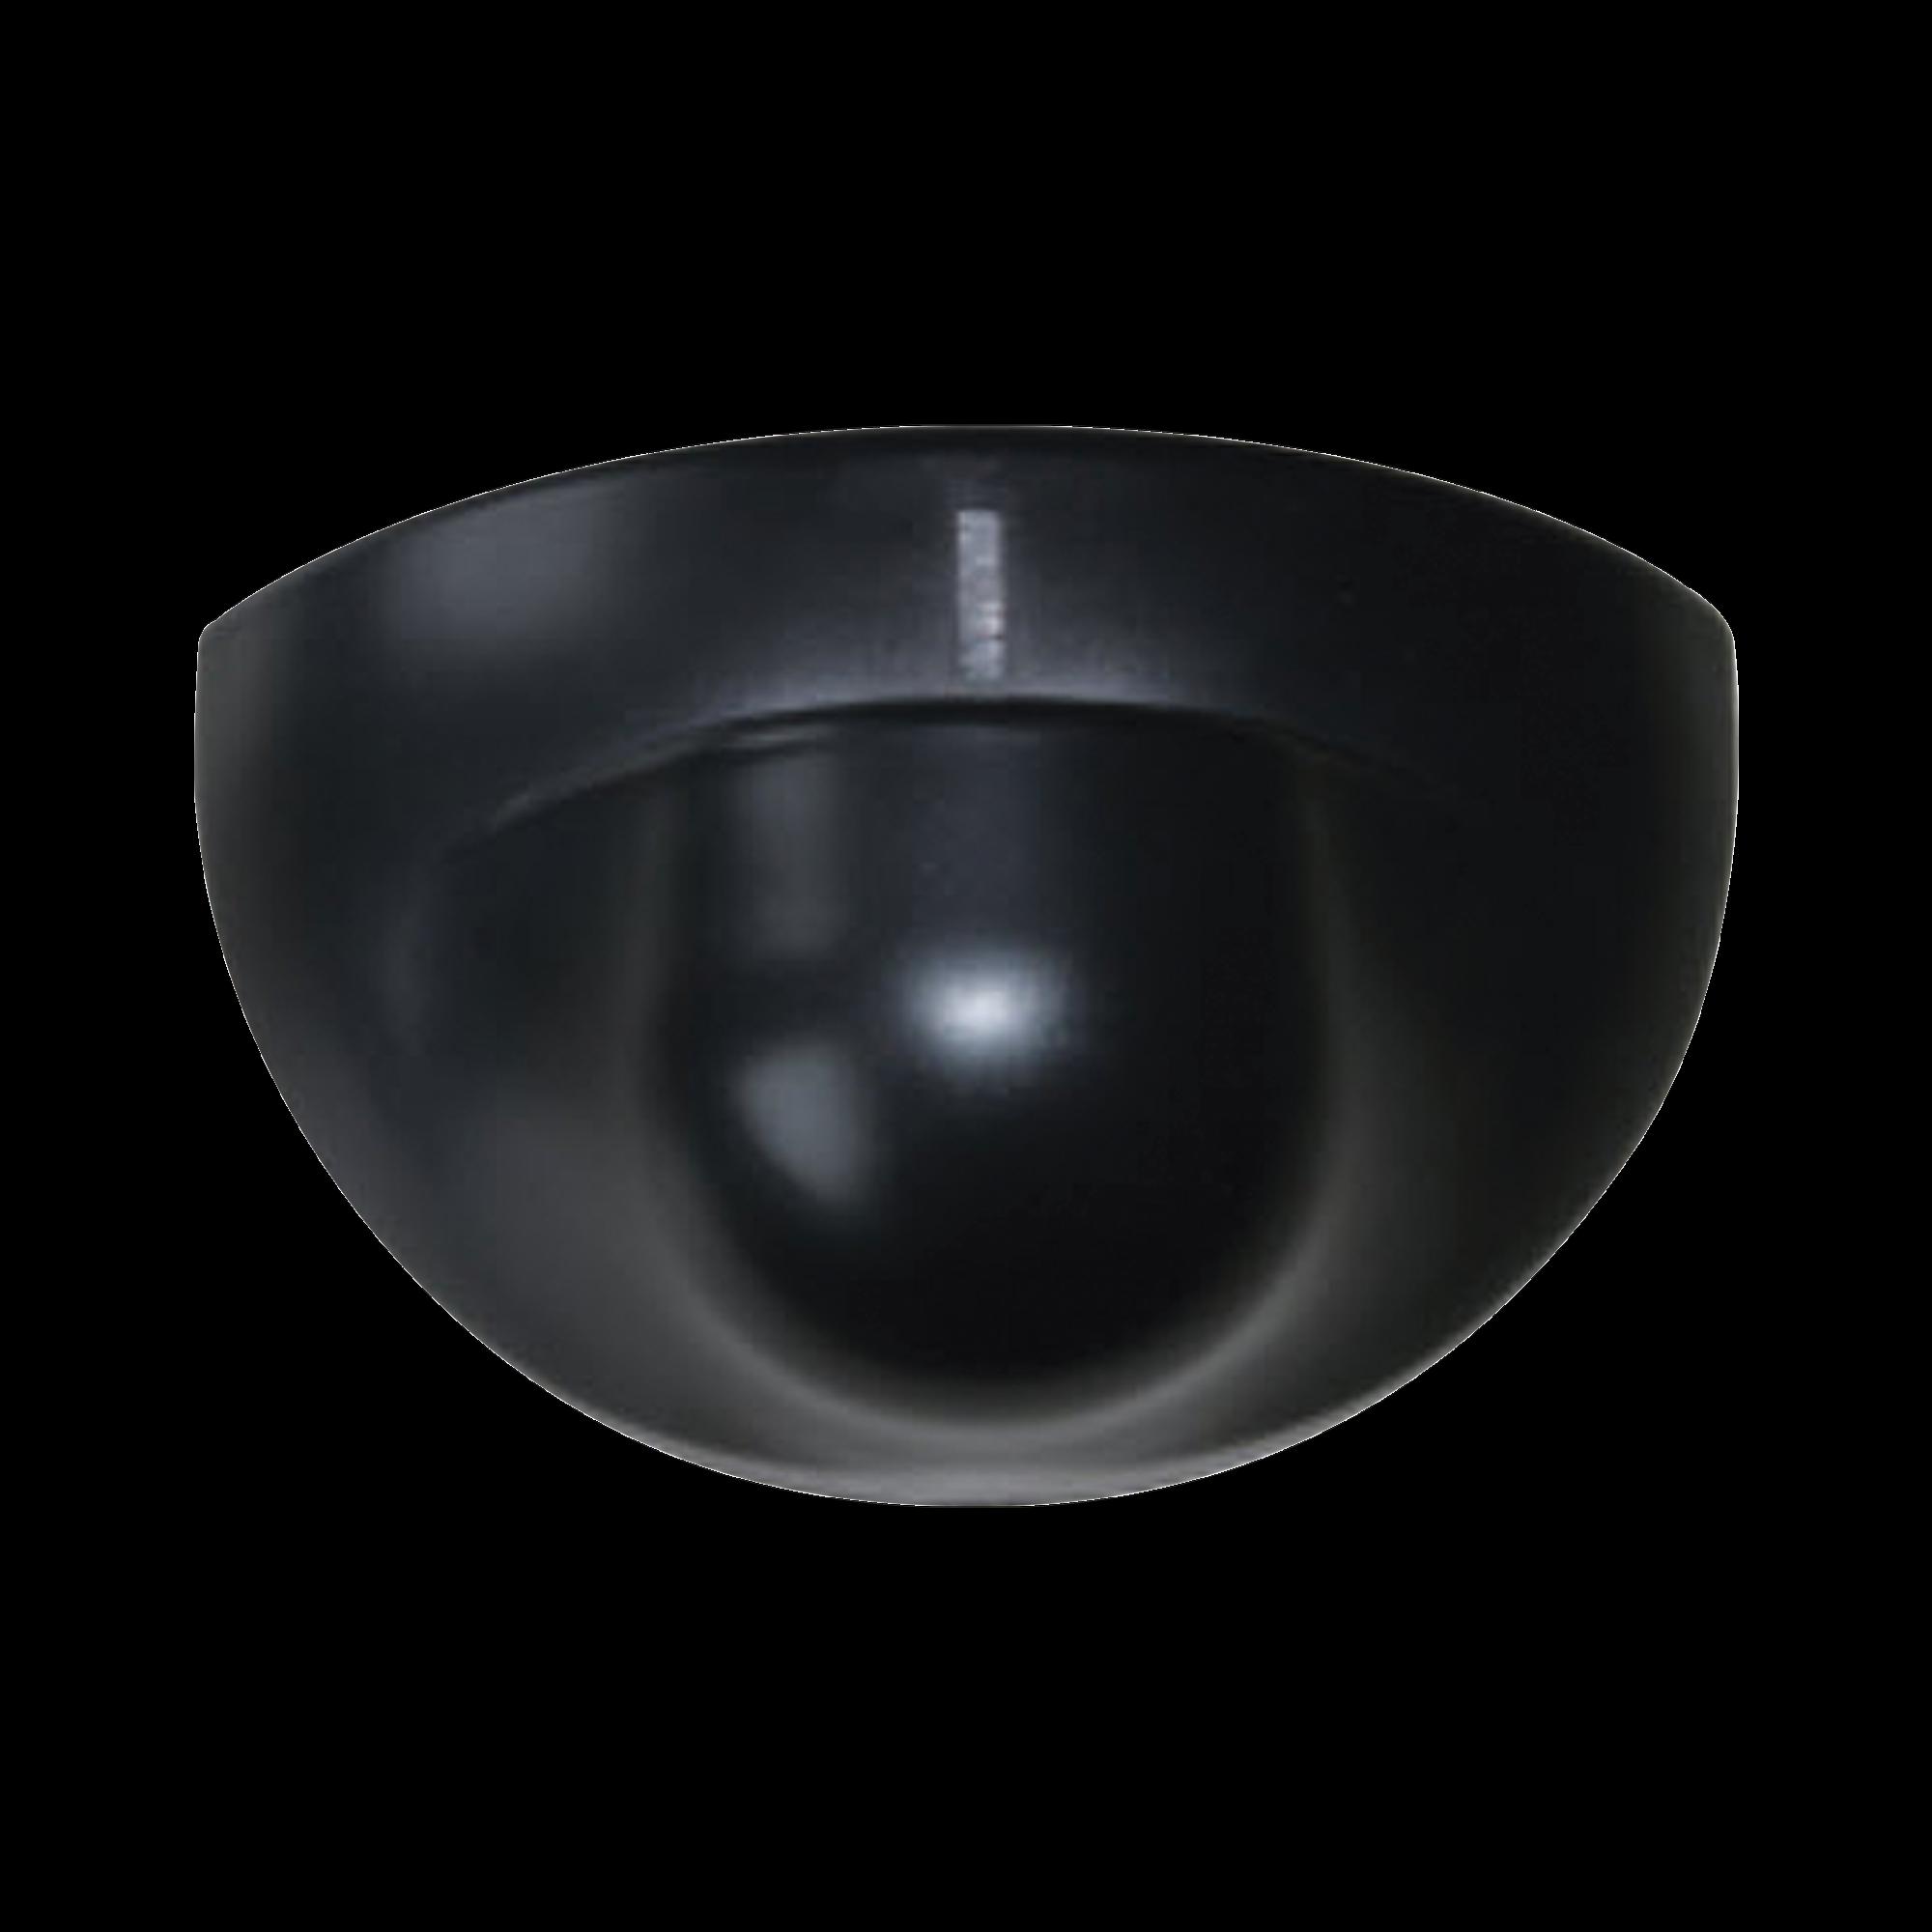 Sensor de Movimiento de Microondas Para Puertas Automáticas / Uso Como Botón de Salida o Detección de Movimiento / IP52 / Rango de detección de 4 mts.